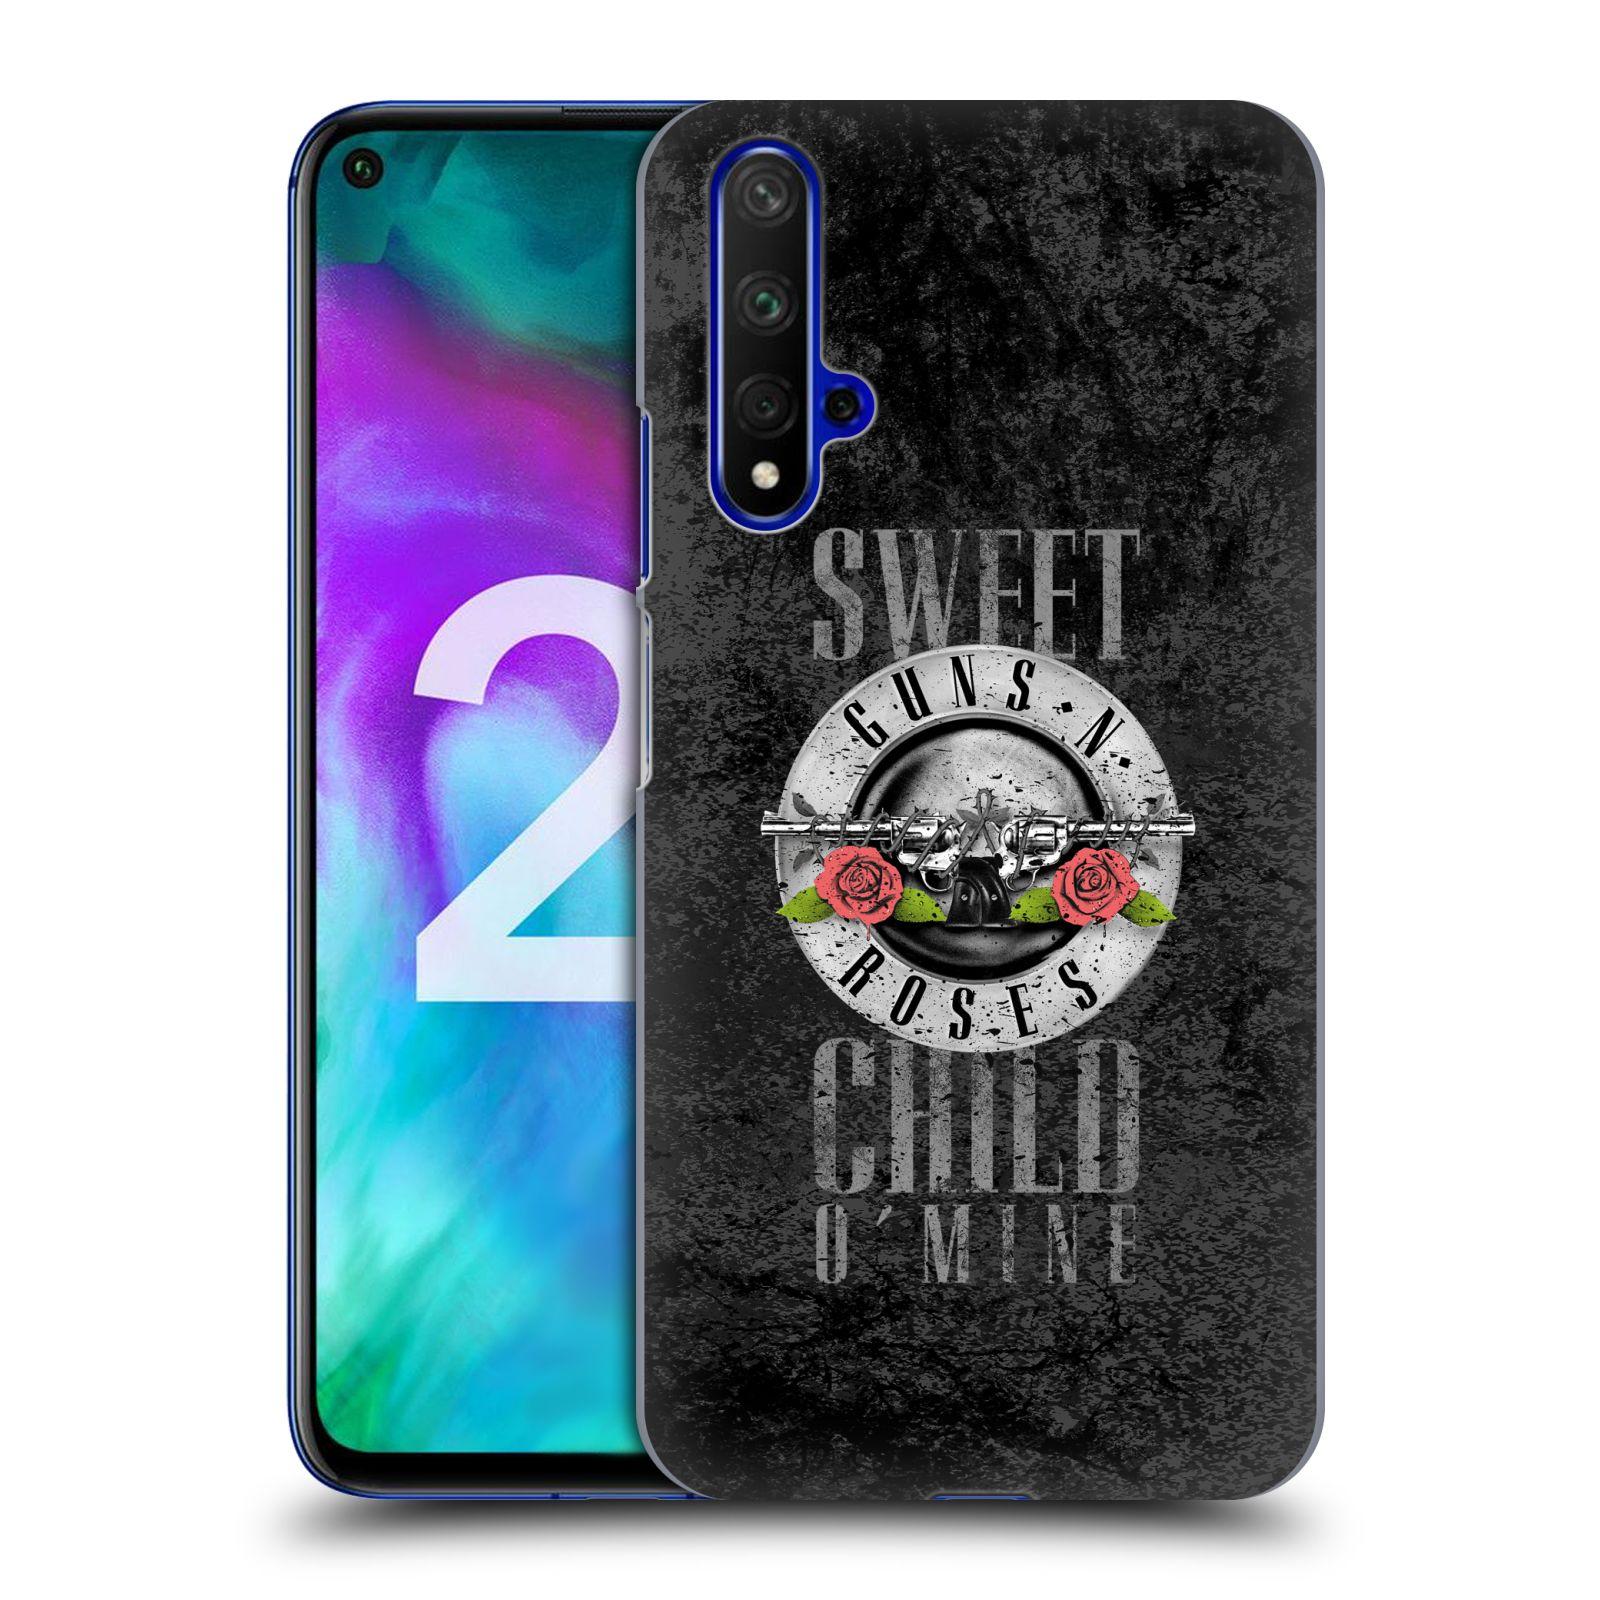 Plastové pouzdro na mobil Honor 20 - Head Case - Guns N' Roses - Sweet Child